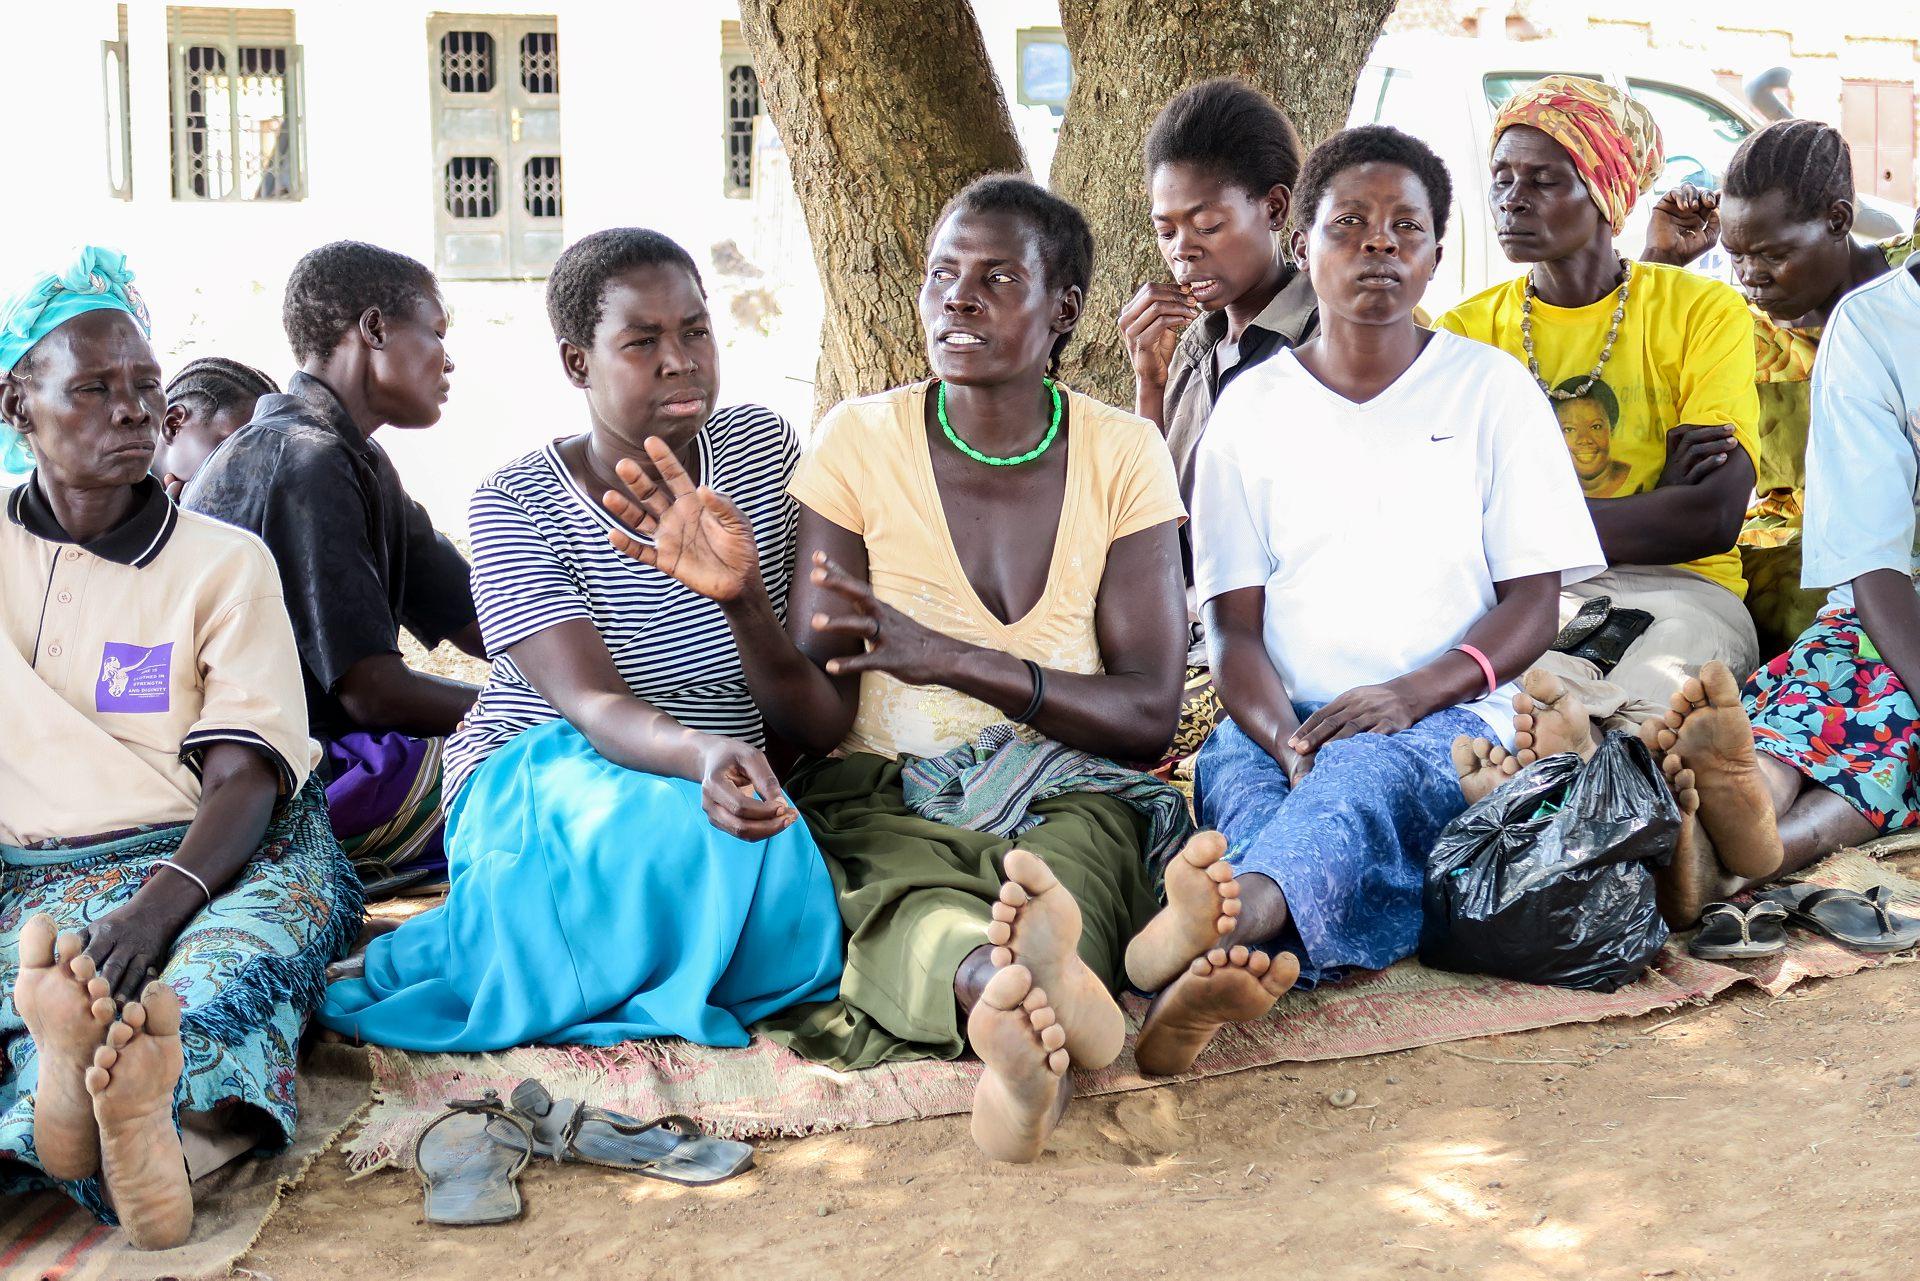 Det finns fortfarande bybor som pratar illa om oss, men vi har fått självförtroende och kan stå för de vi är och det vi har åstadkommit, säger Rose (vit t-shirt, blå kjol). Foto: Ewa Almqvist/Ikon